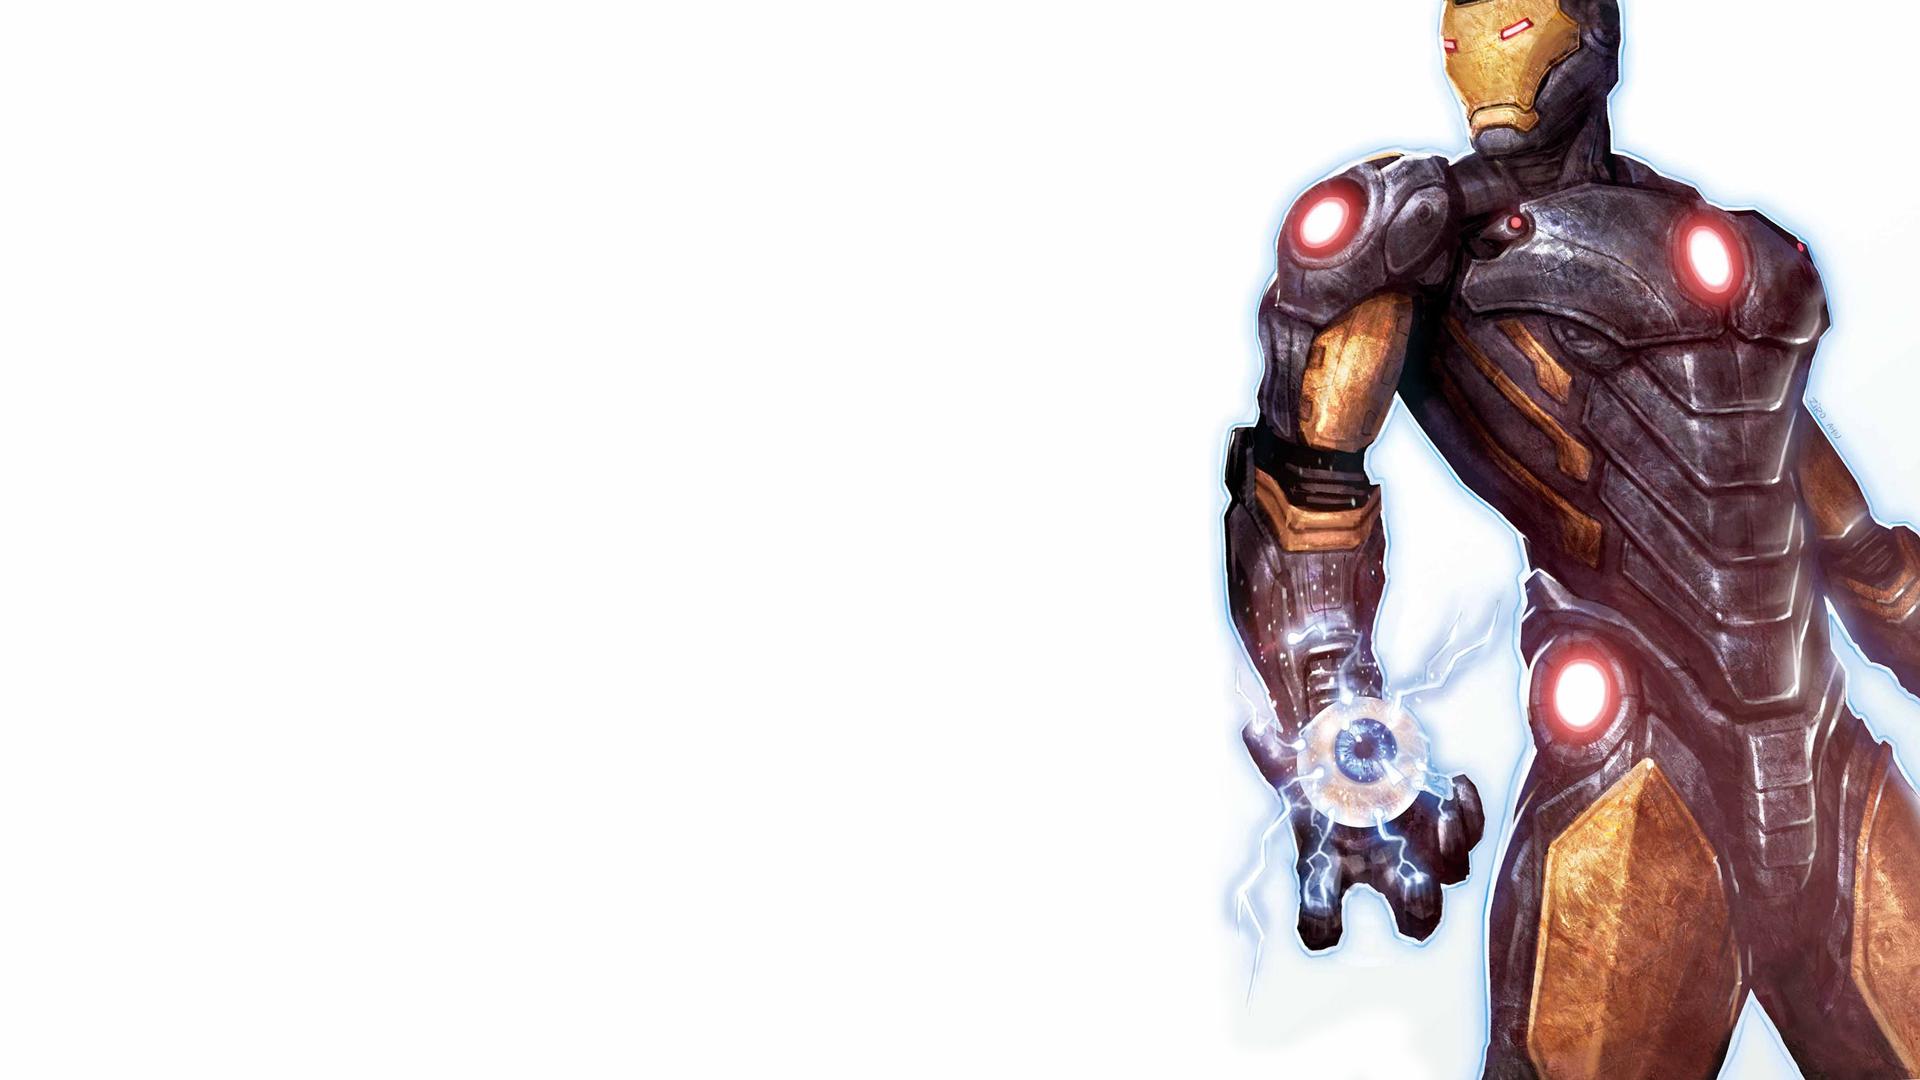 Comics Iron Man 1920x1080